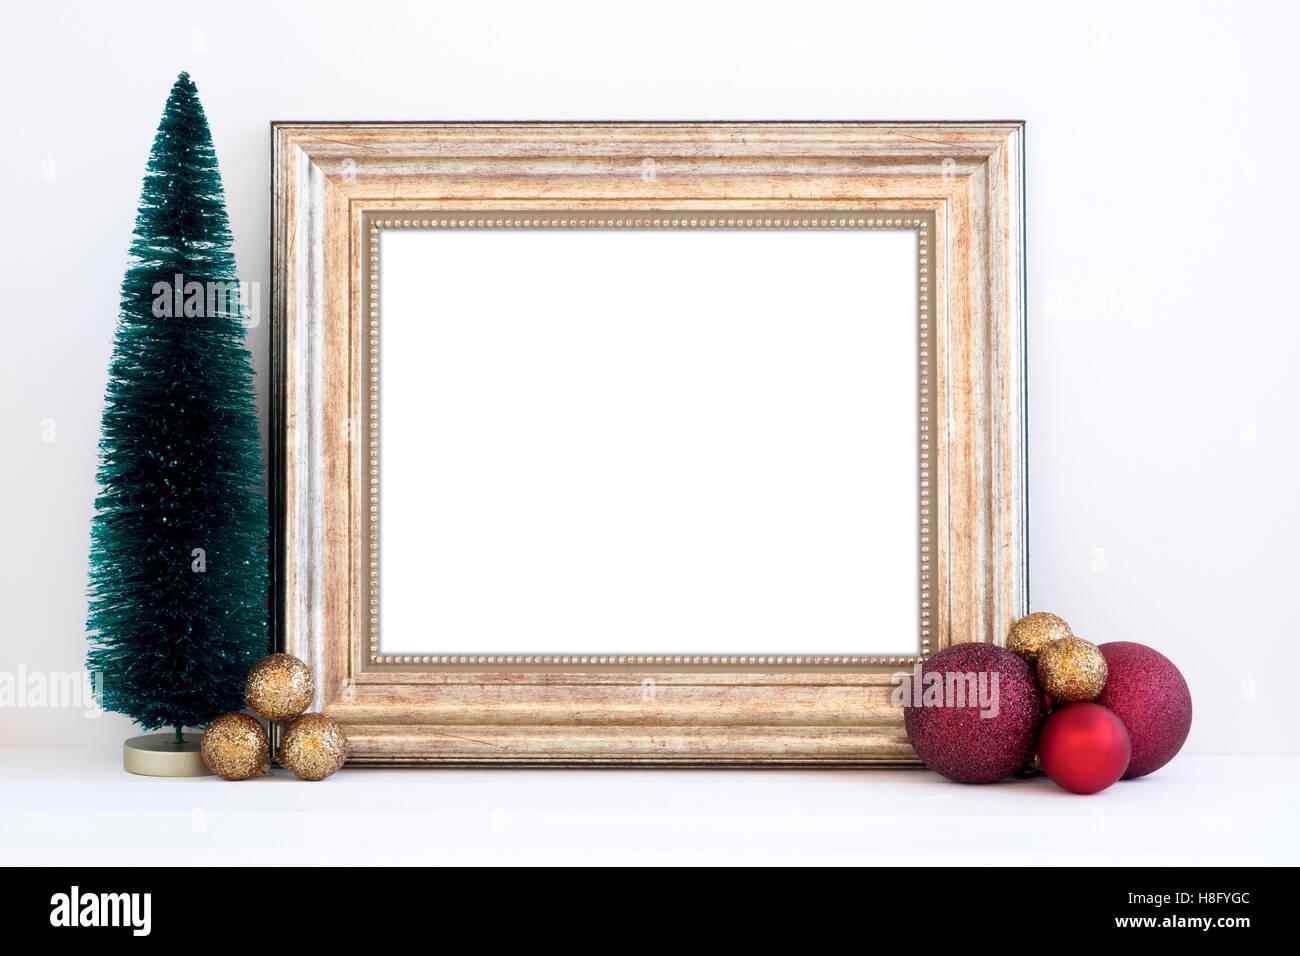 Ungewöhnlich Fotorahmen Weihnachtsschmuck Galerie - Rahmen Ideen ...